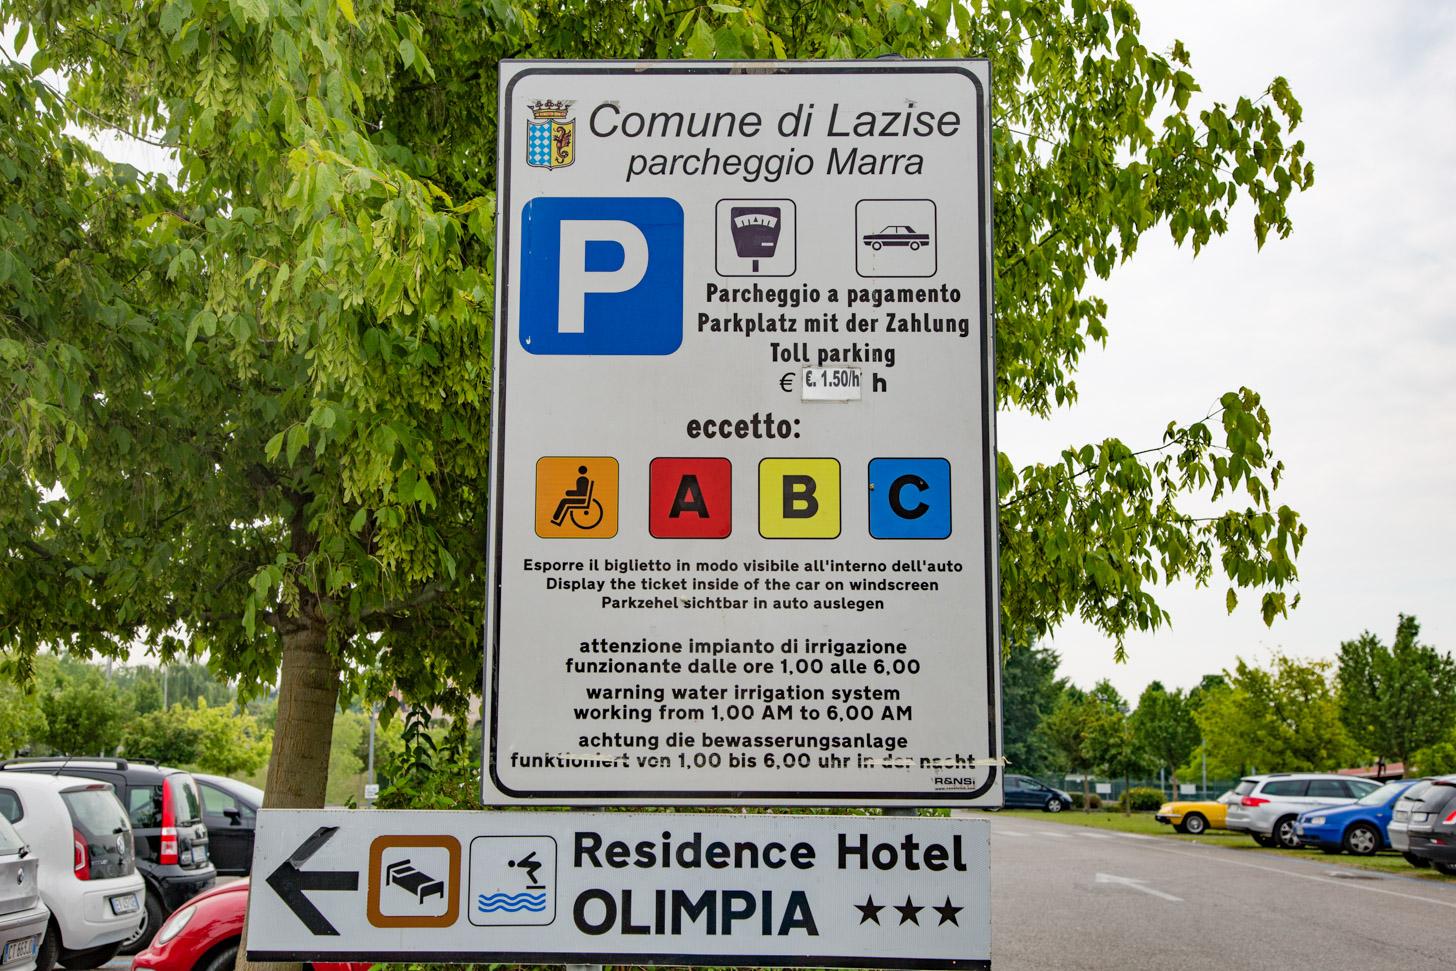 Op veel plekken moet je betalen om te parkeren